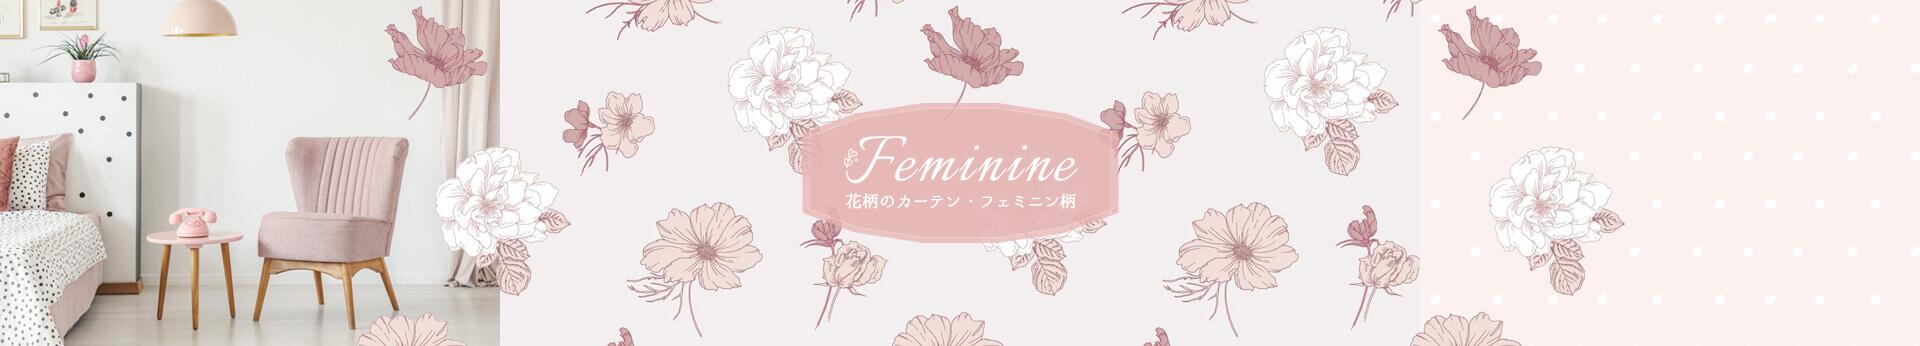 FEMININE 花柄のカーテン・フェミニン柄